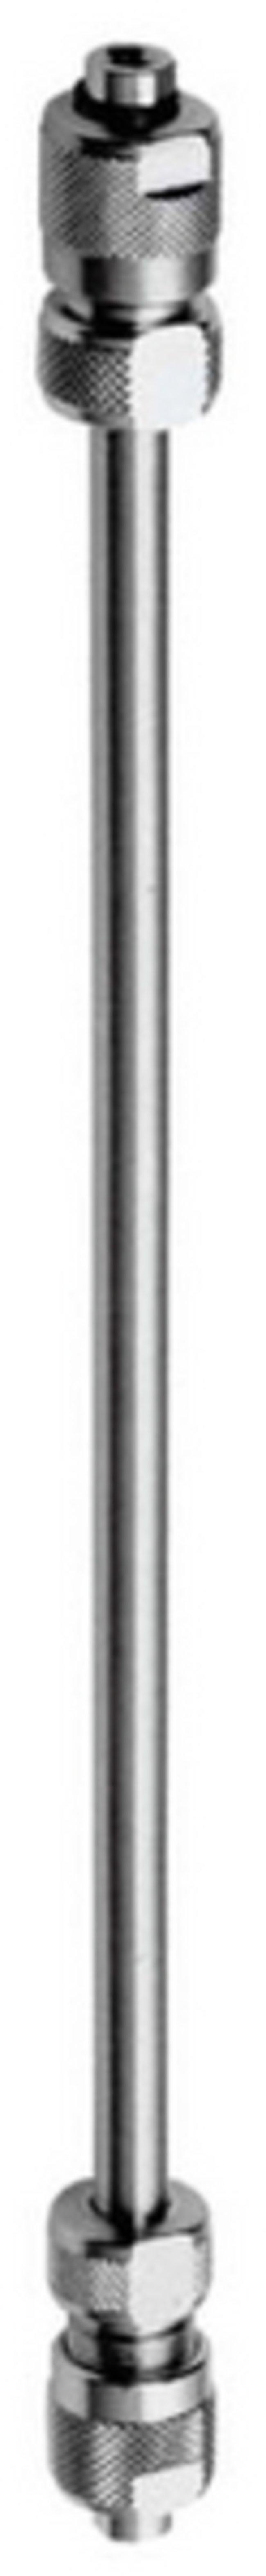 MilliporeSigmaLiChroCART Column/LiChrospher 100 RP-18 Endcapped Sorbent